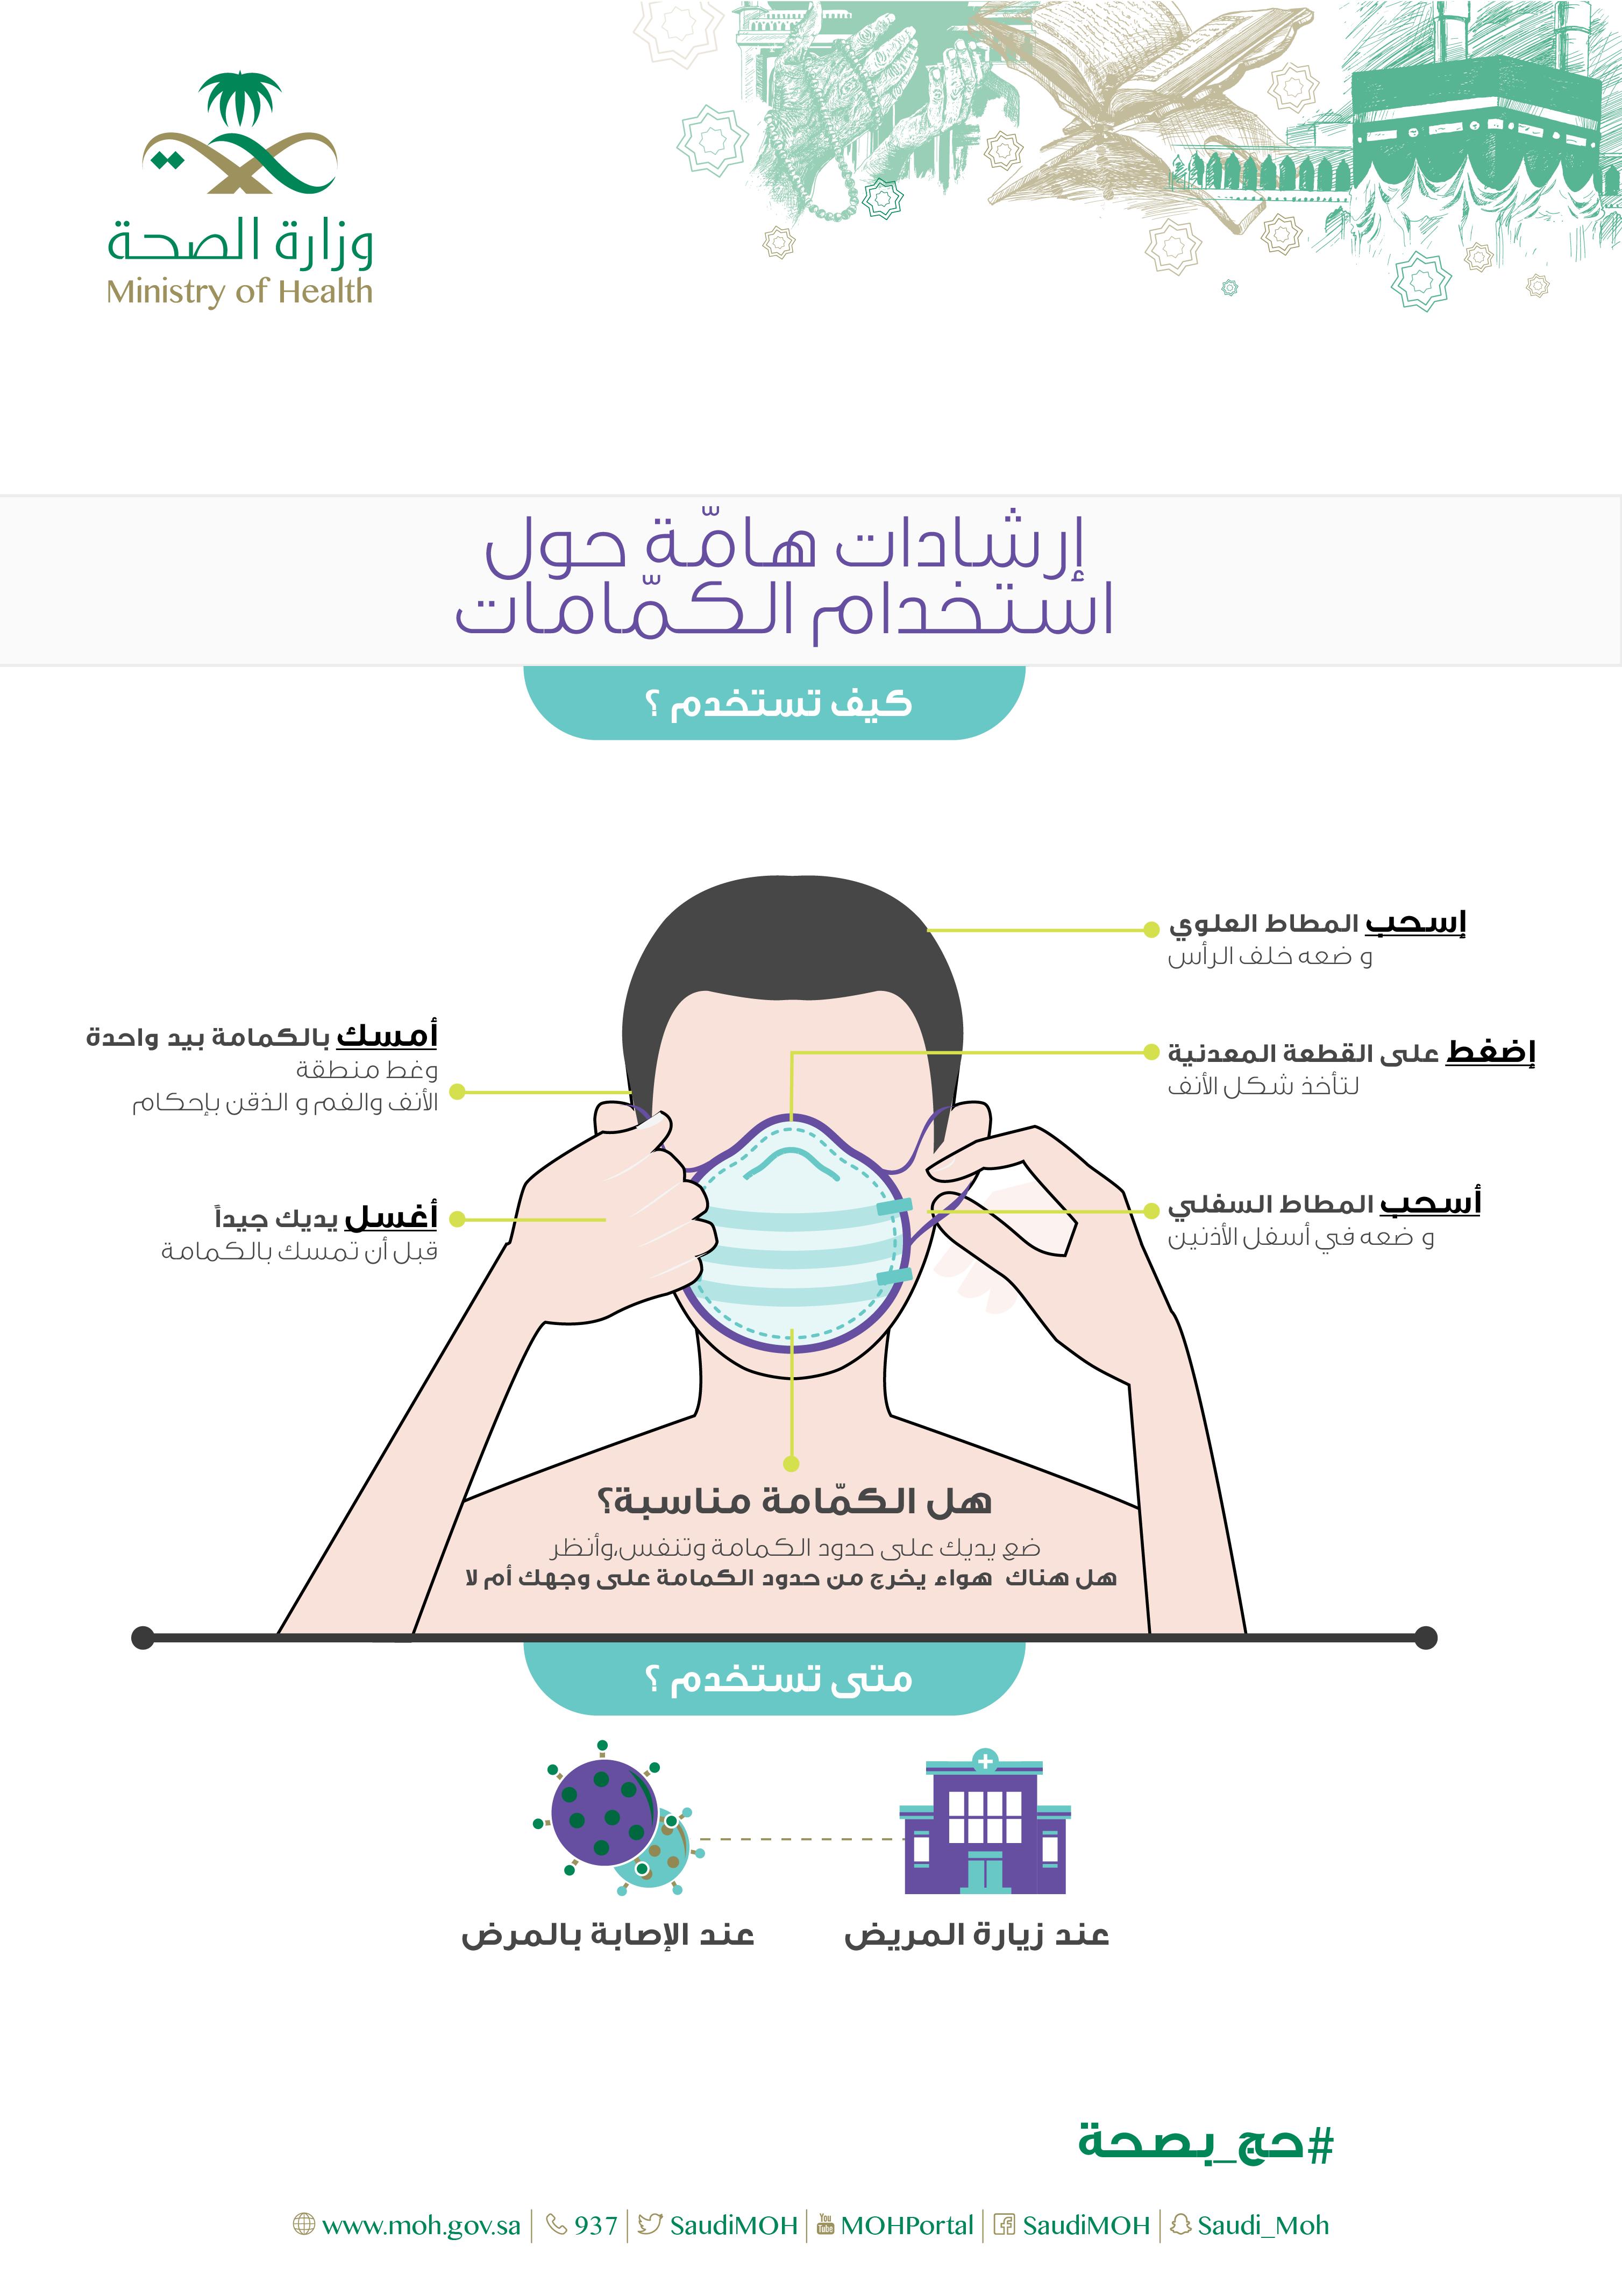 ارشادات صحية في الحج لاستخدام الكمامات